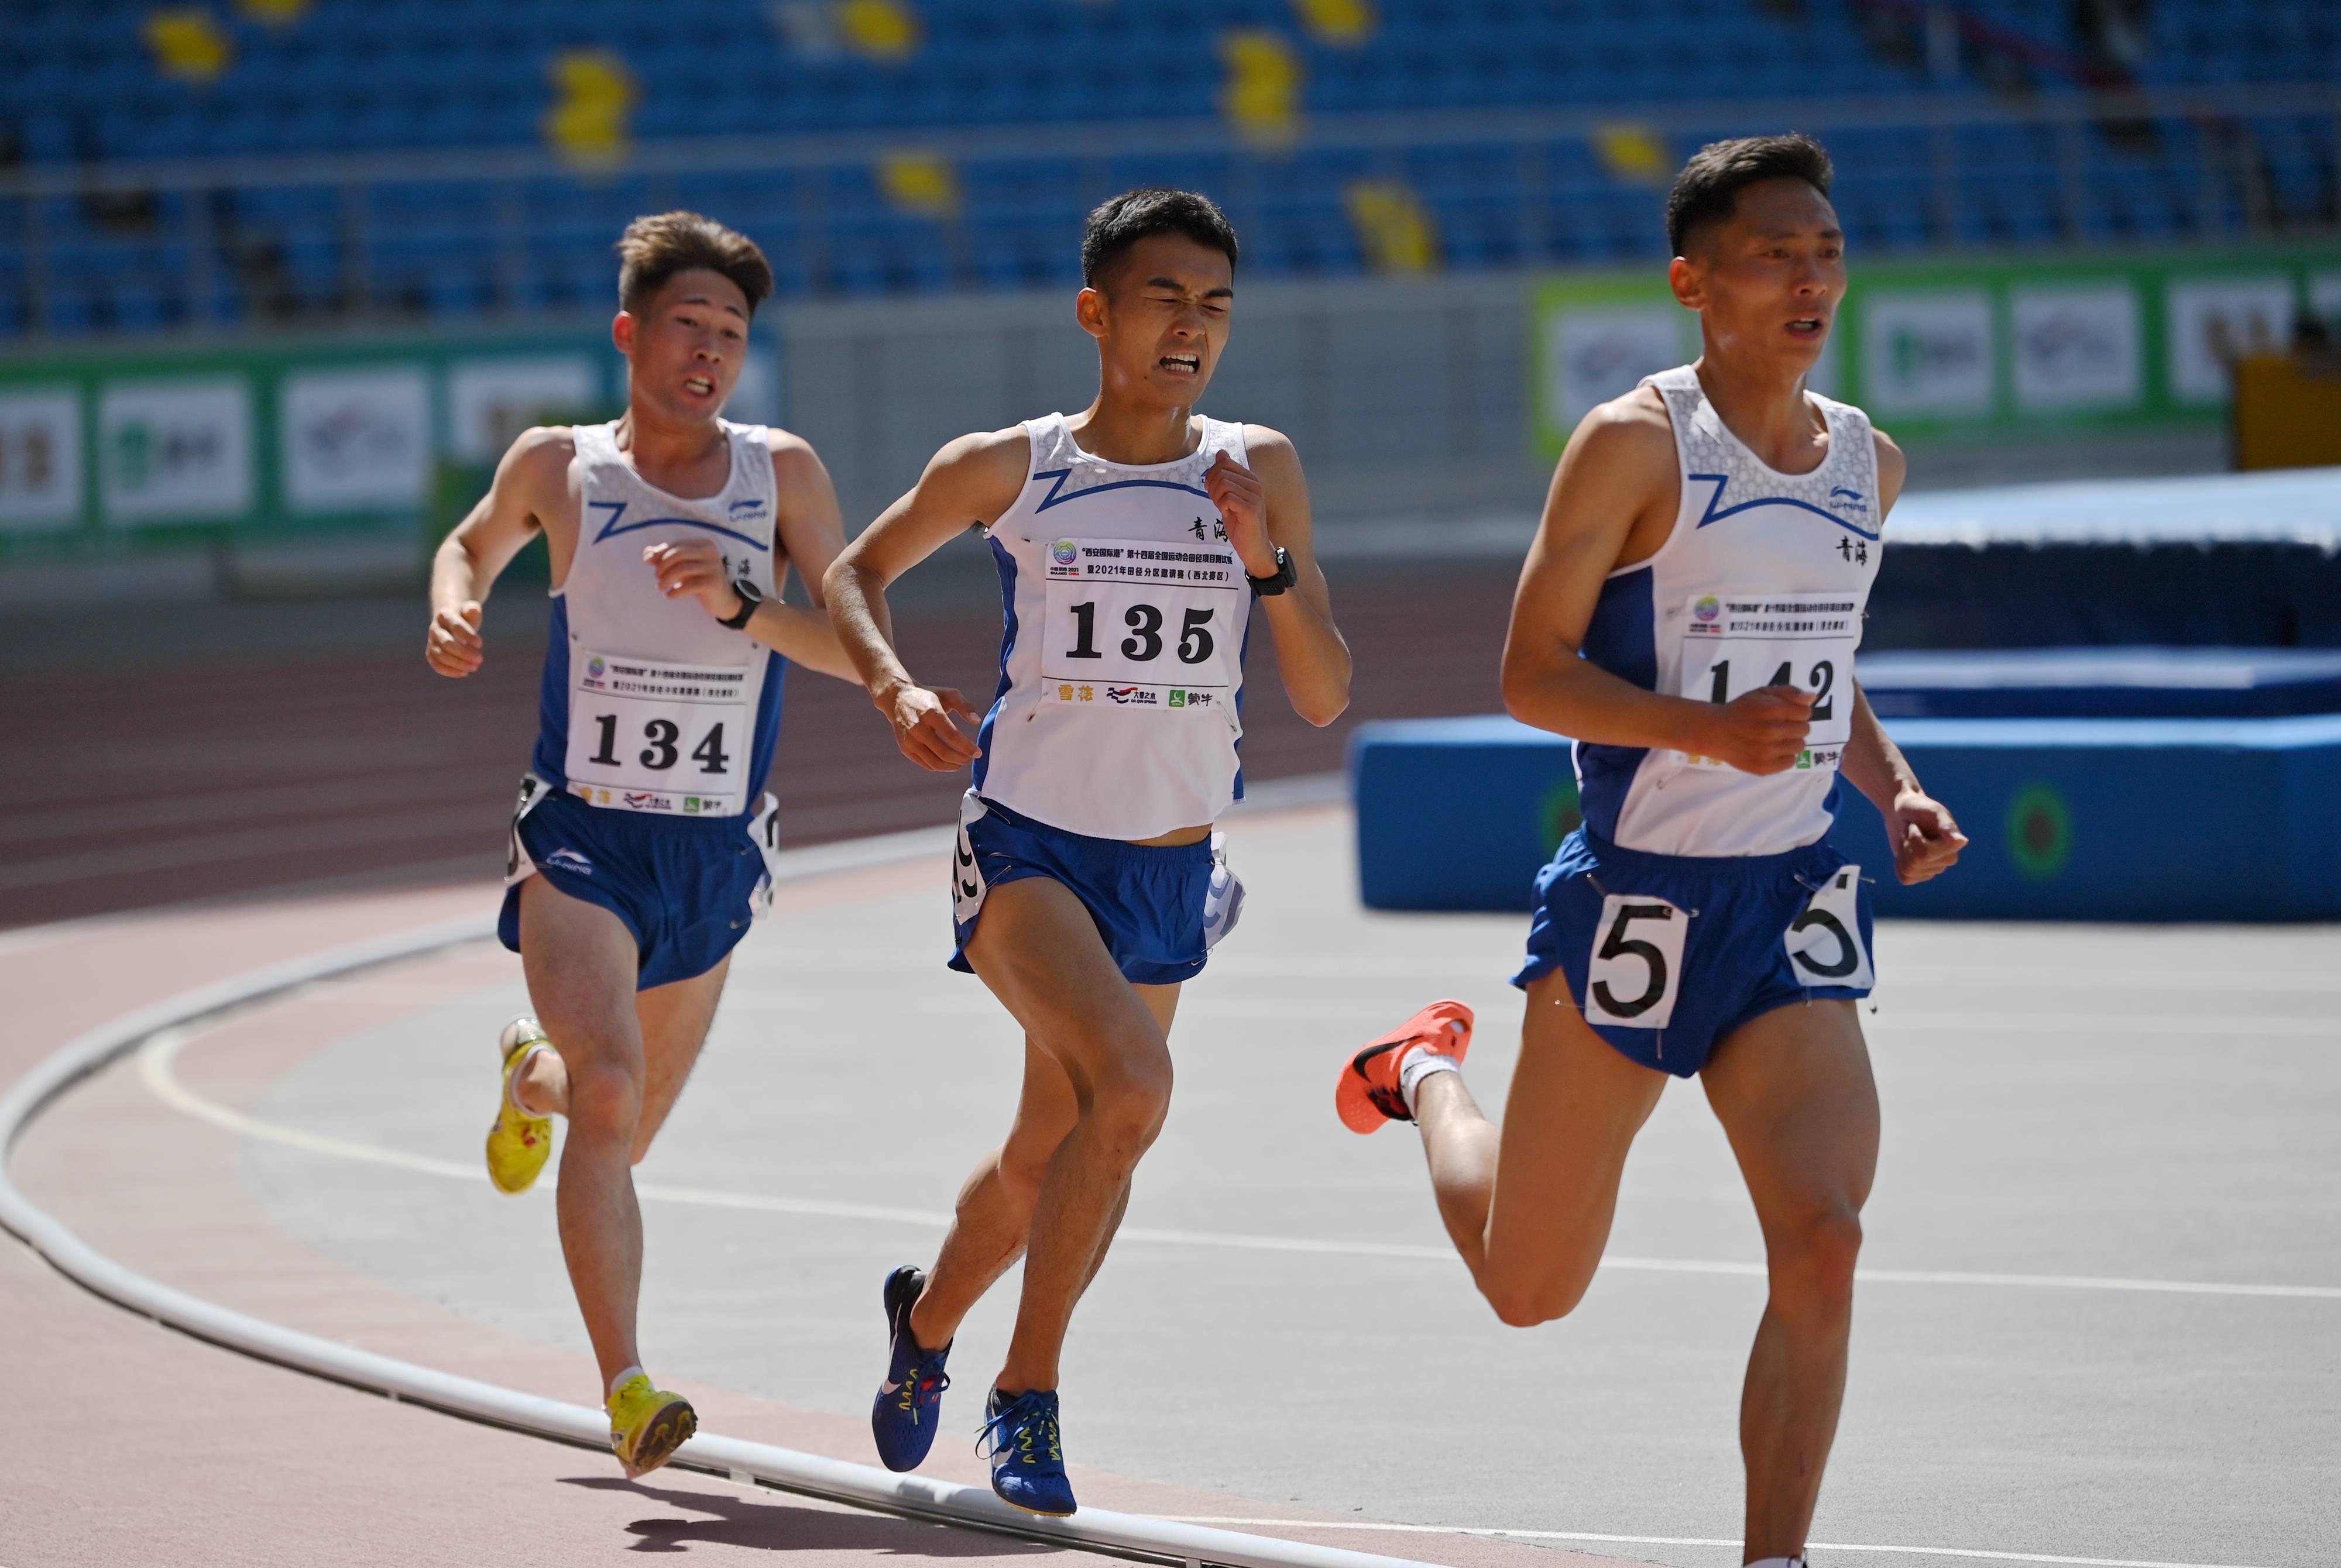 田径——全运会测试赛:男子10000米赛况